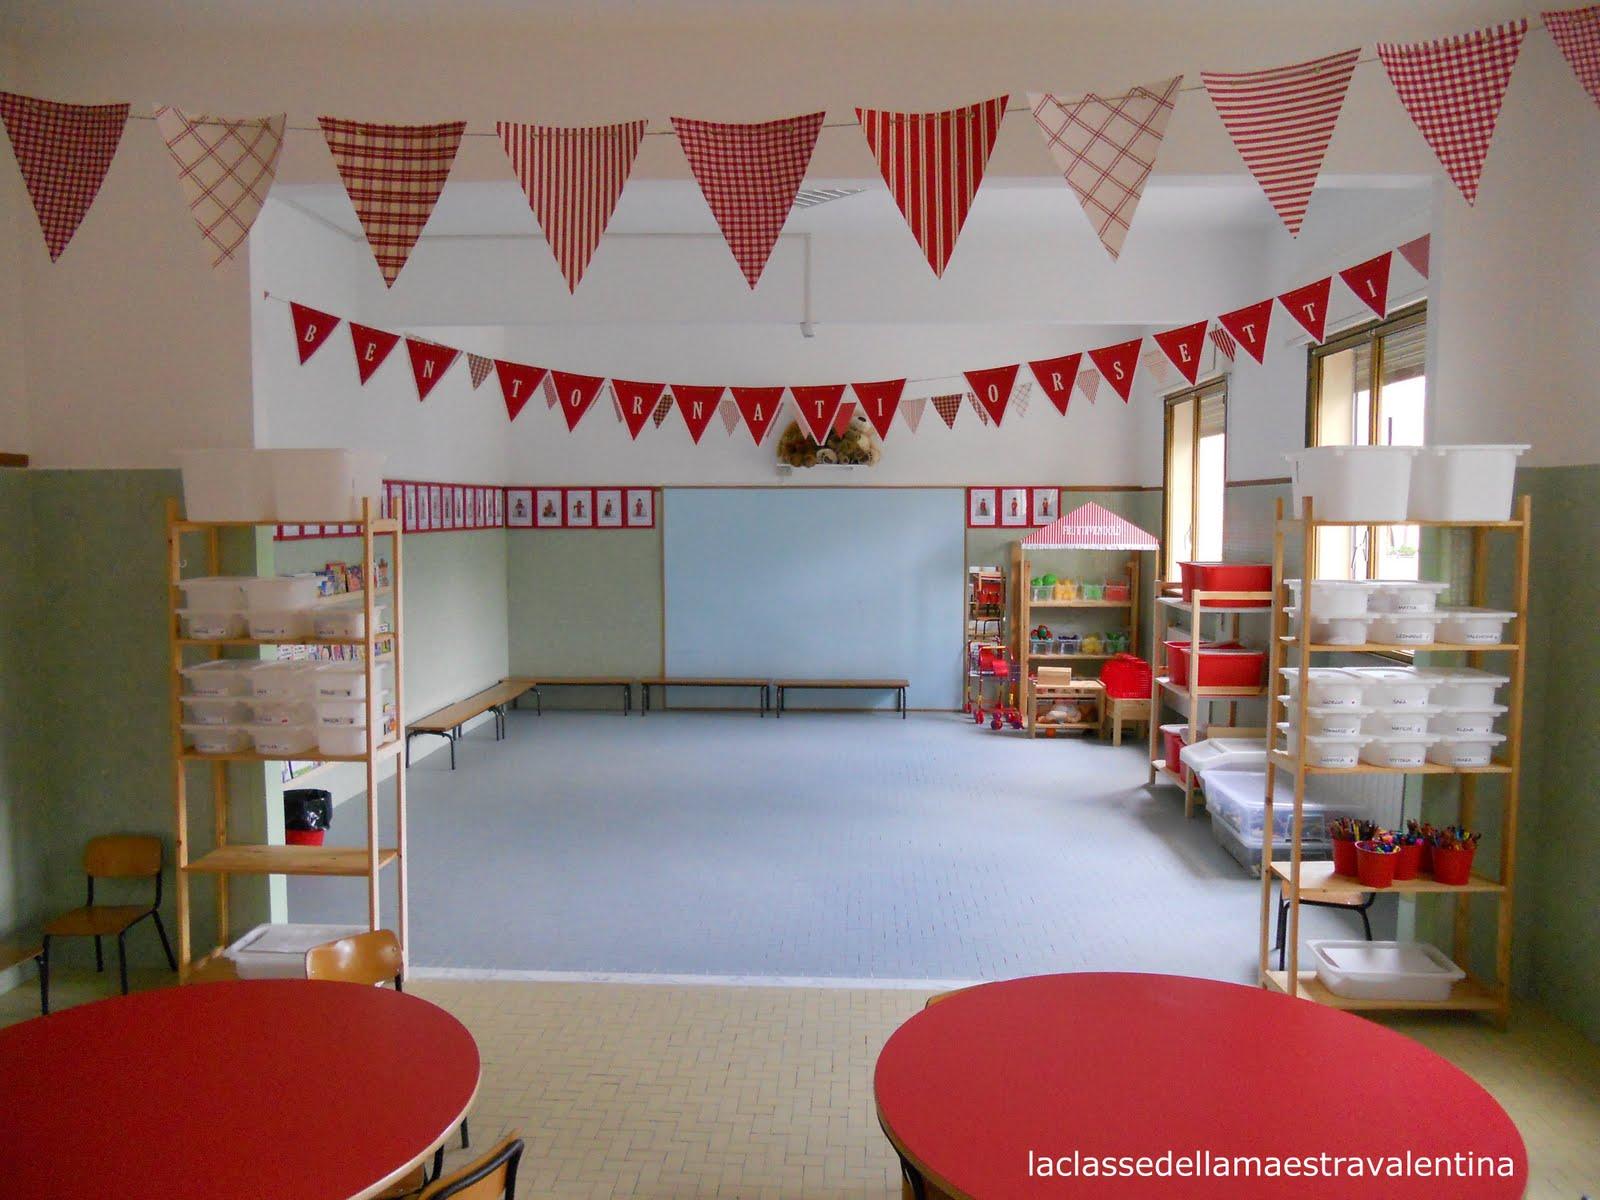 la classe della maestra valentina la scuola e iniziata